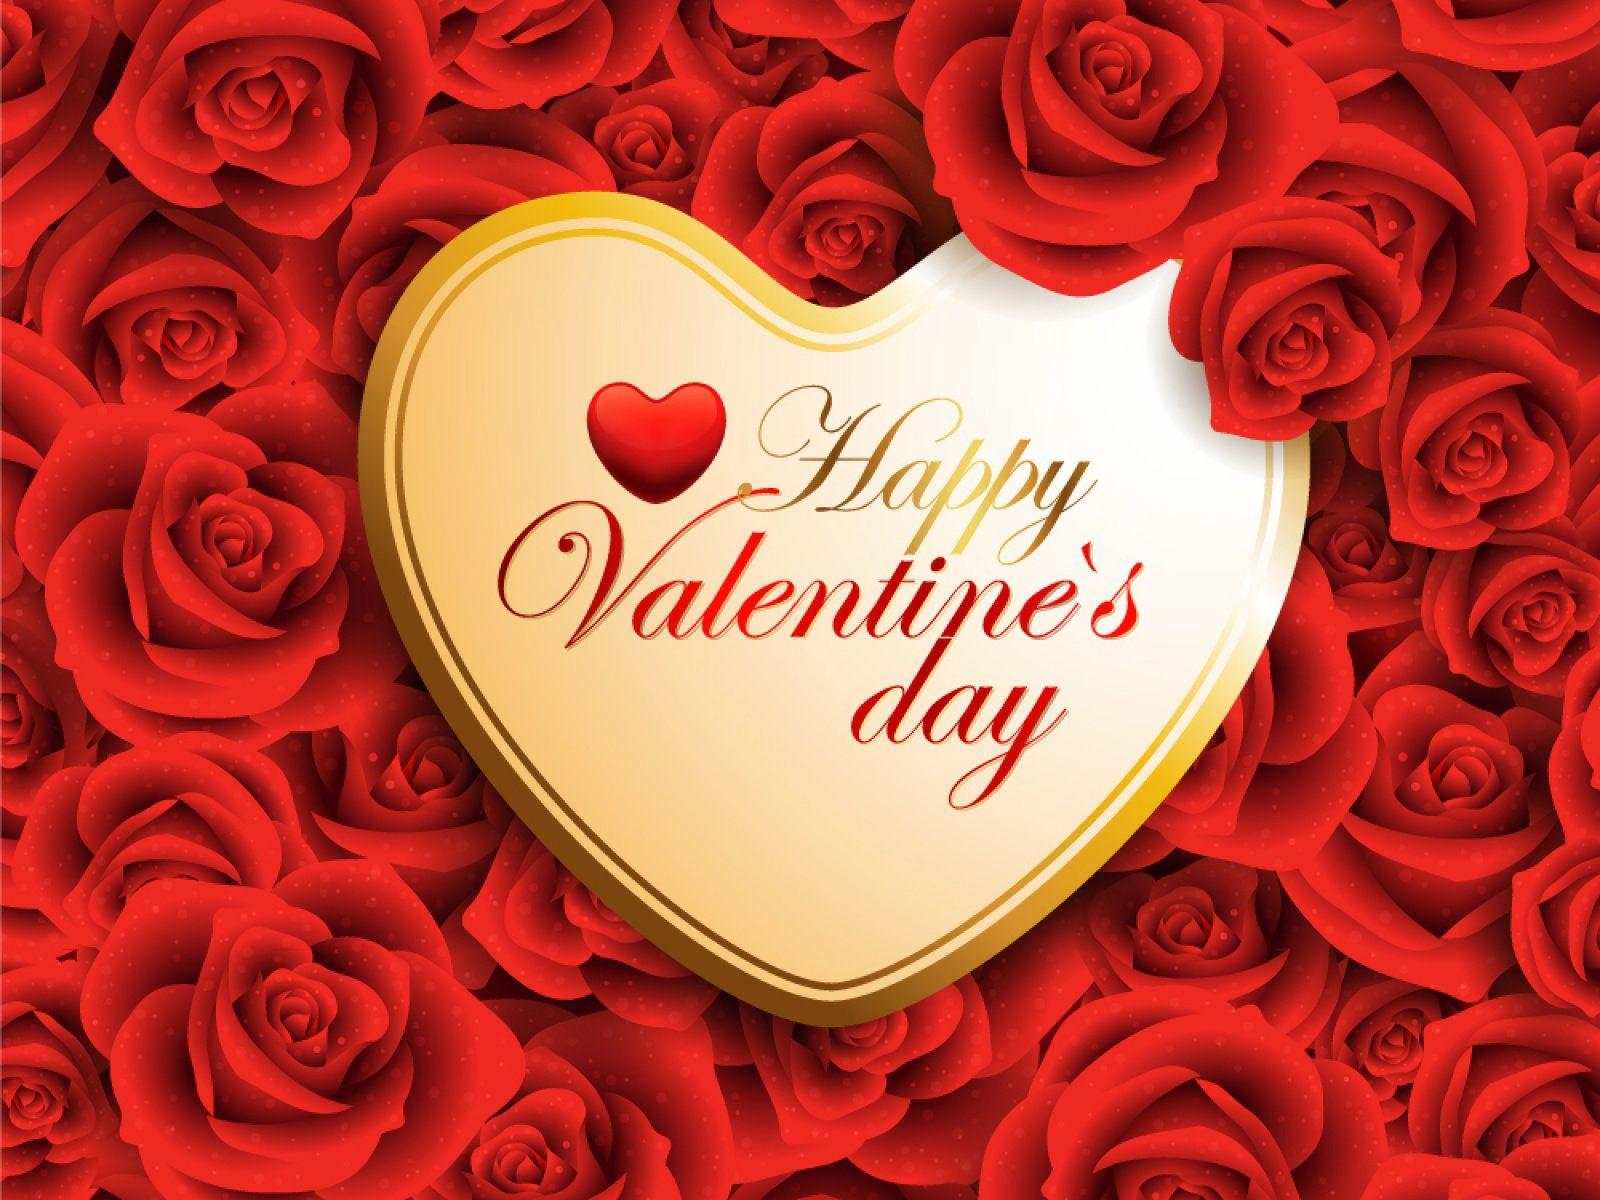 Creative Valentine Love Photos In High Definition